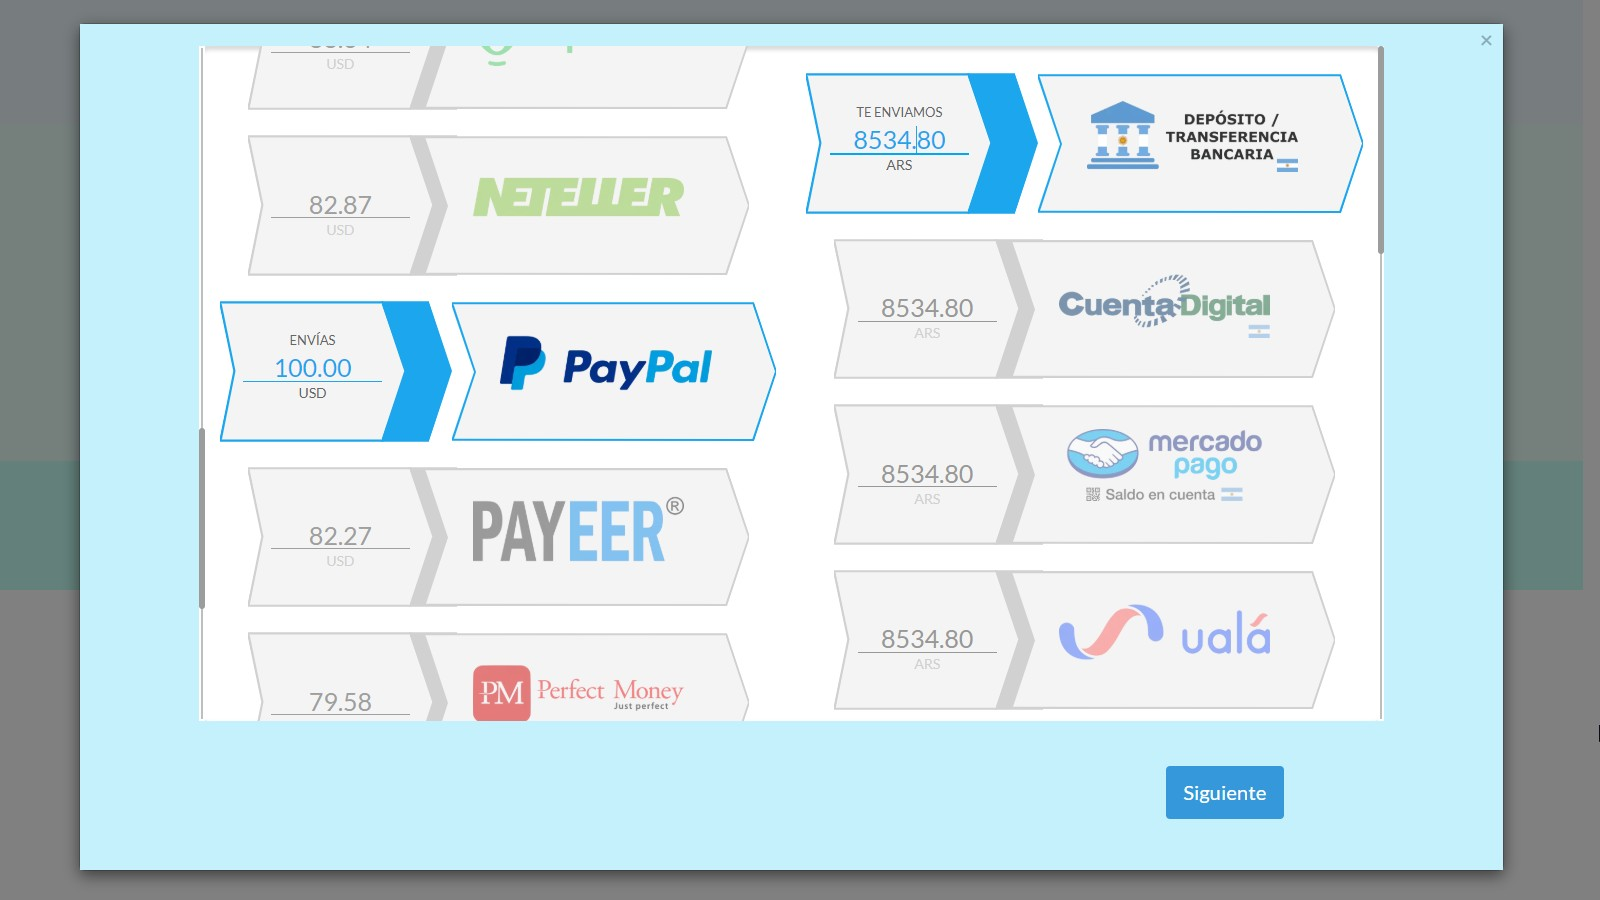 La conversión de PayPal a pesos es apenas menor que el dólar